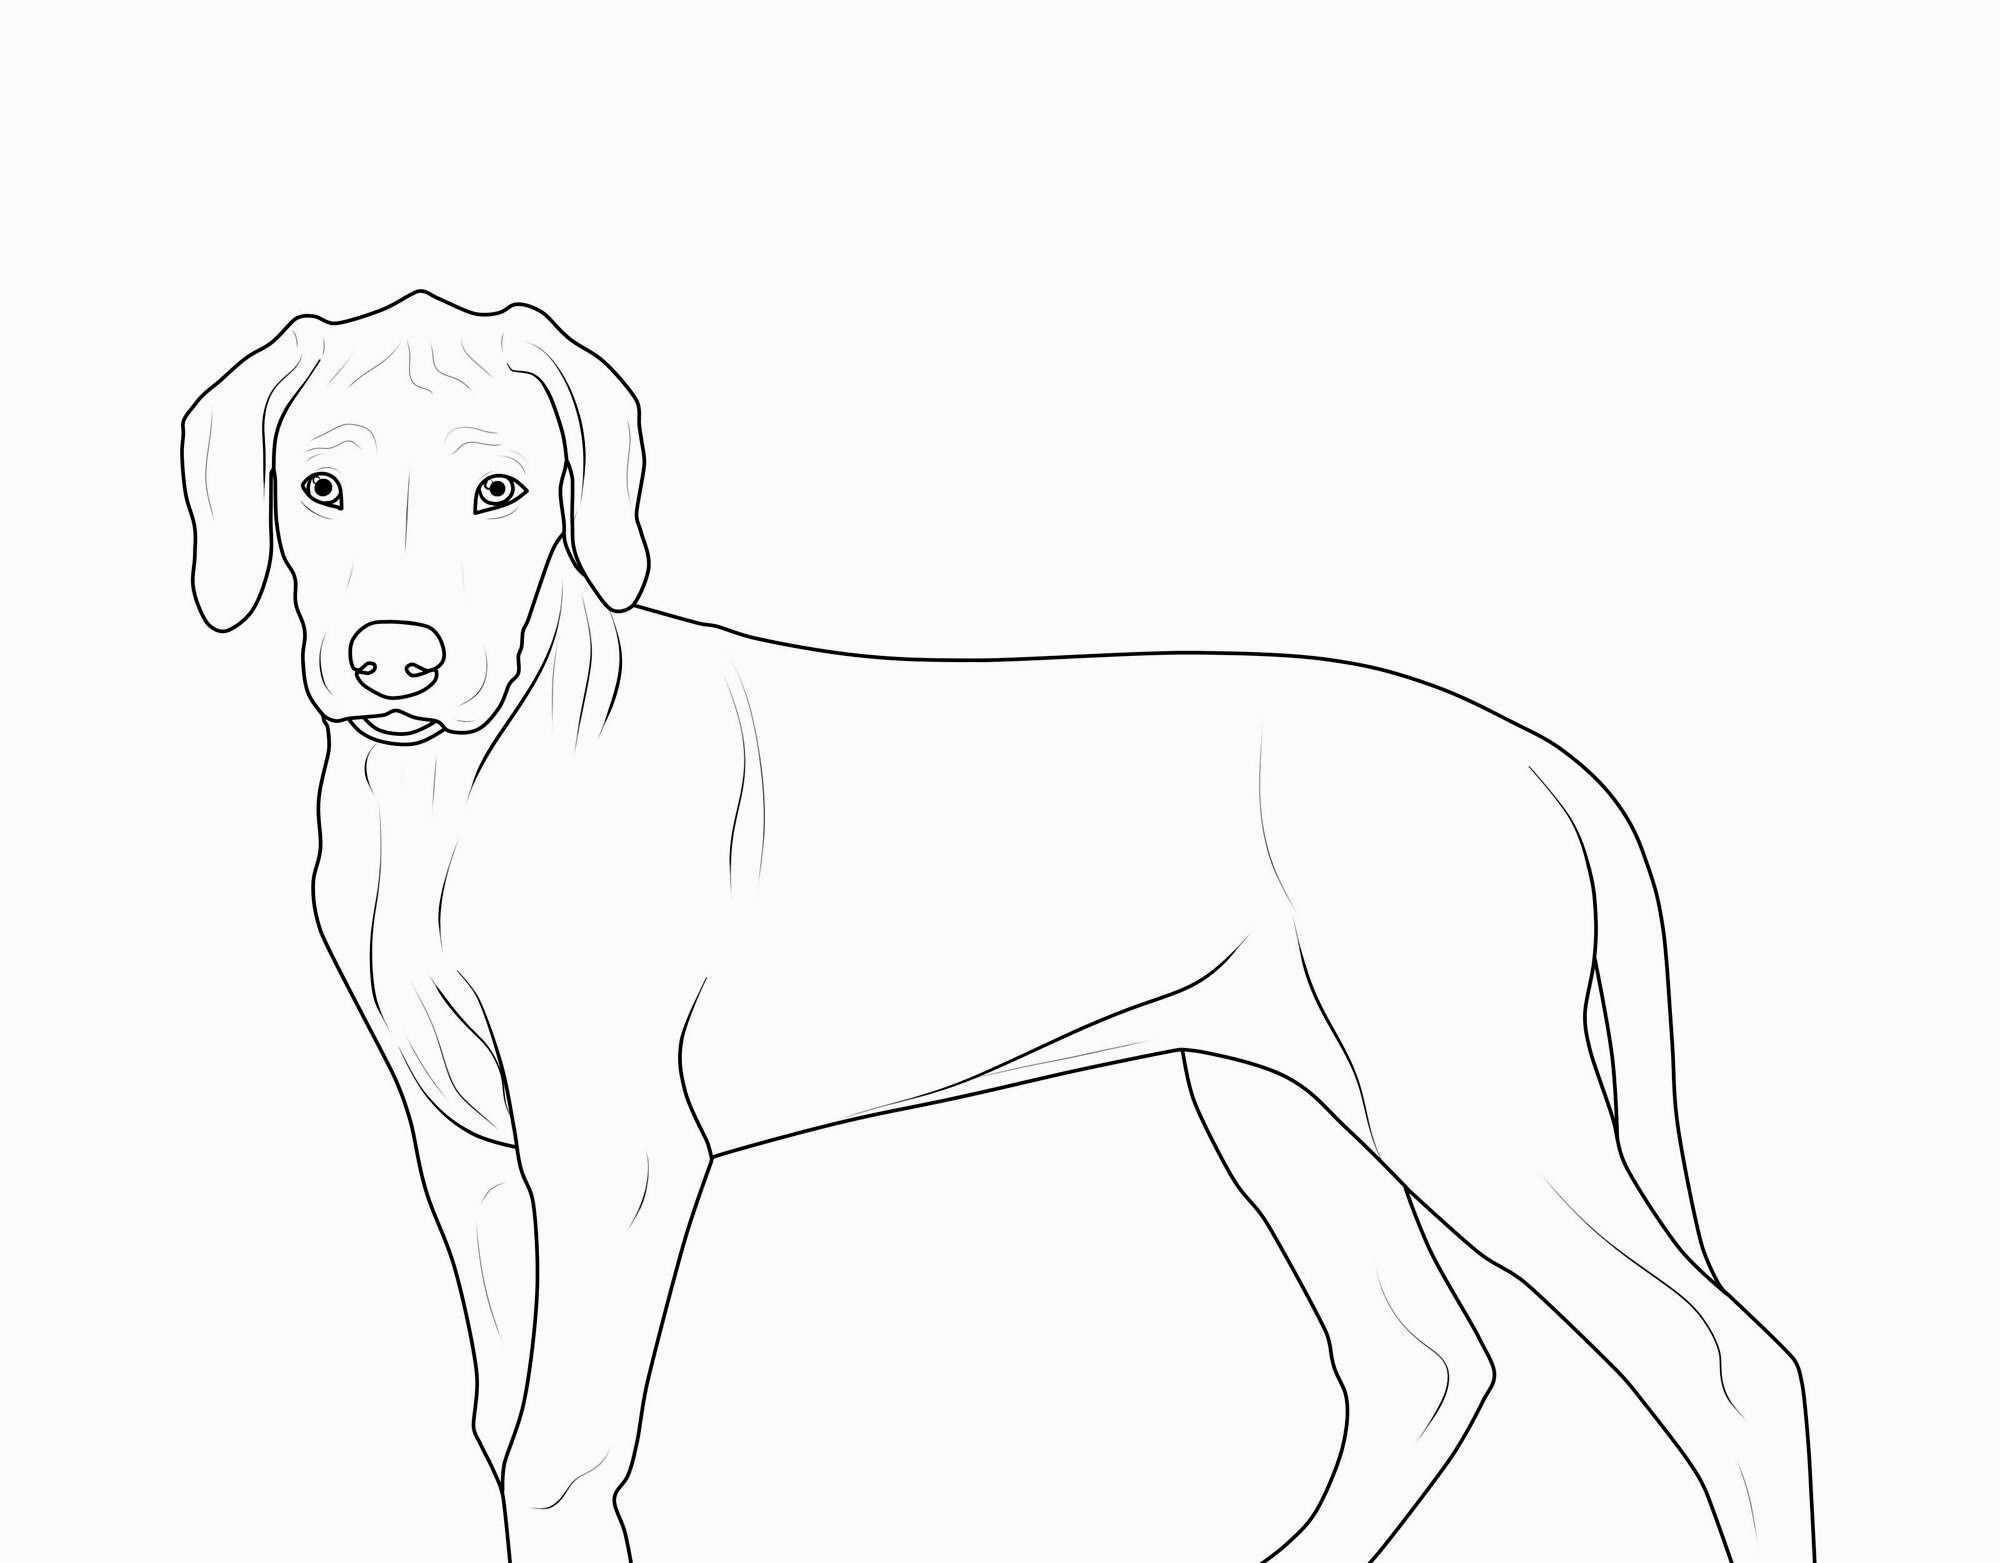 Neu Hund Malen Vorlage Farbung Malvorlagen Malvorlagenfurkinder Malvorlage Hund Ausmalbilder Hunde Hund Malen